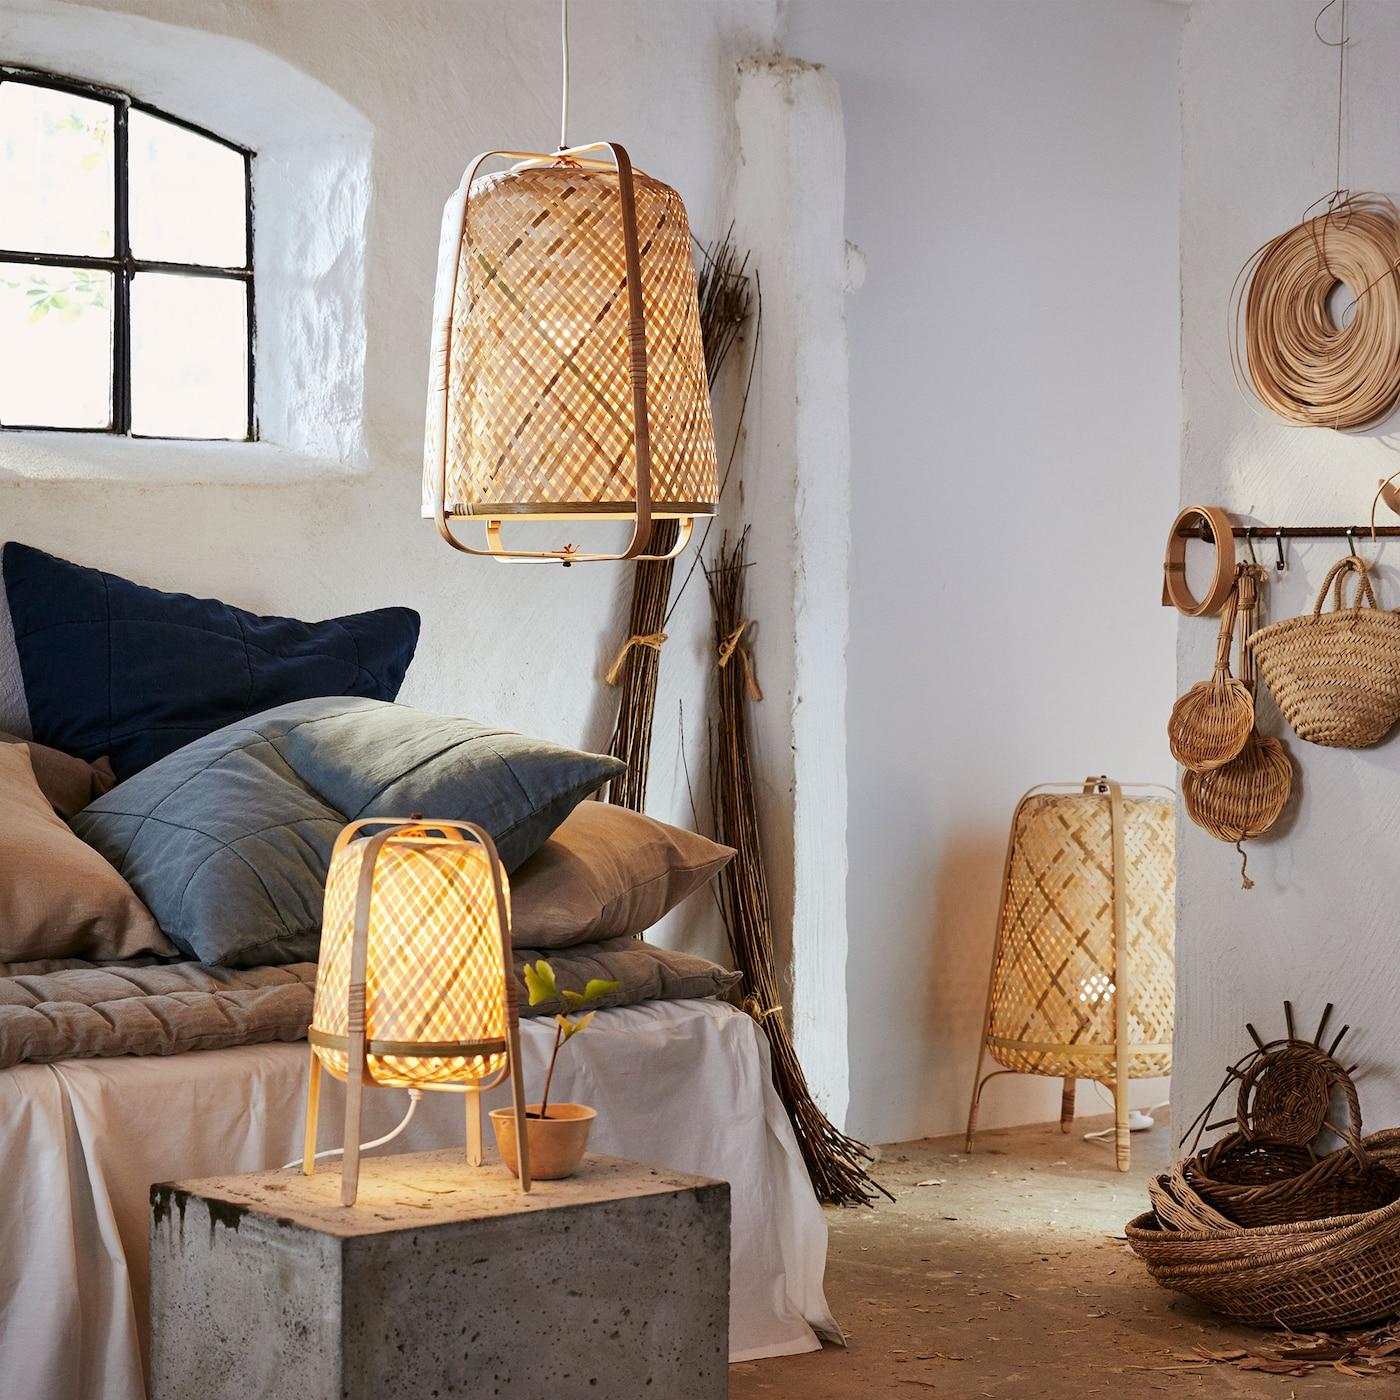 IKEA KNIXHULT Hängeleuchte, Stand- und Tischleuchten in Bambus in einem weissen Raum. Die Leuchten sind geflochten und verfügen aussen über eine geschwungene Form.